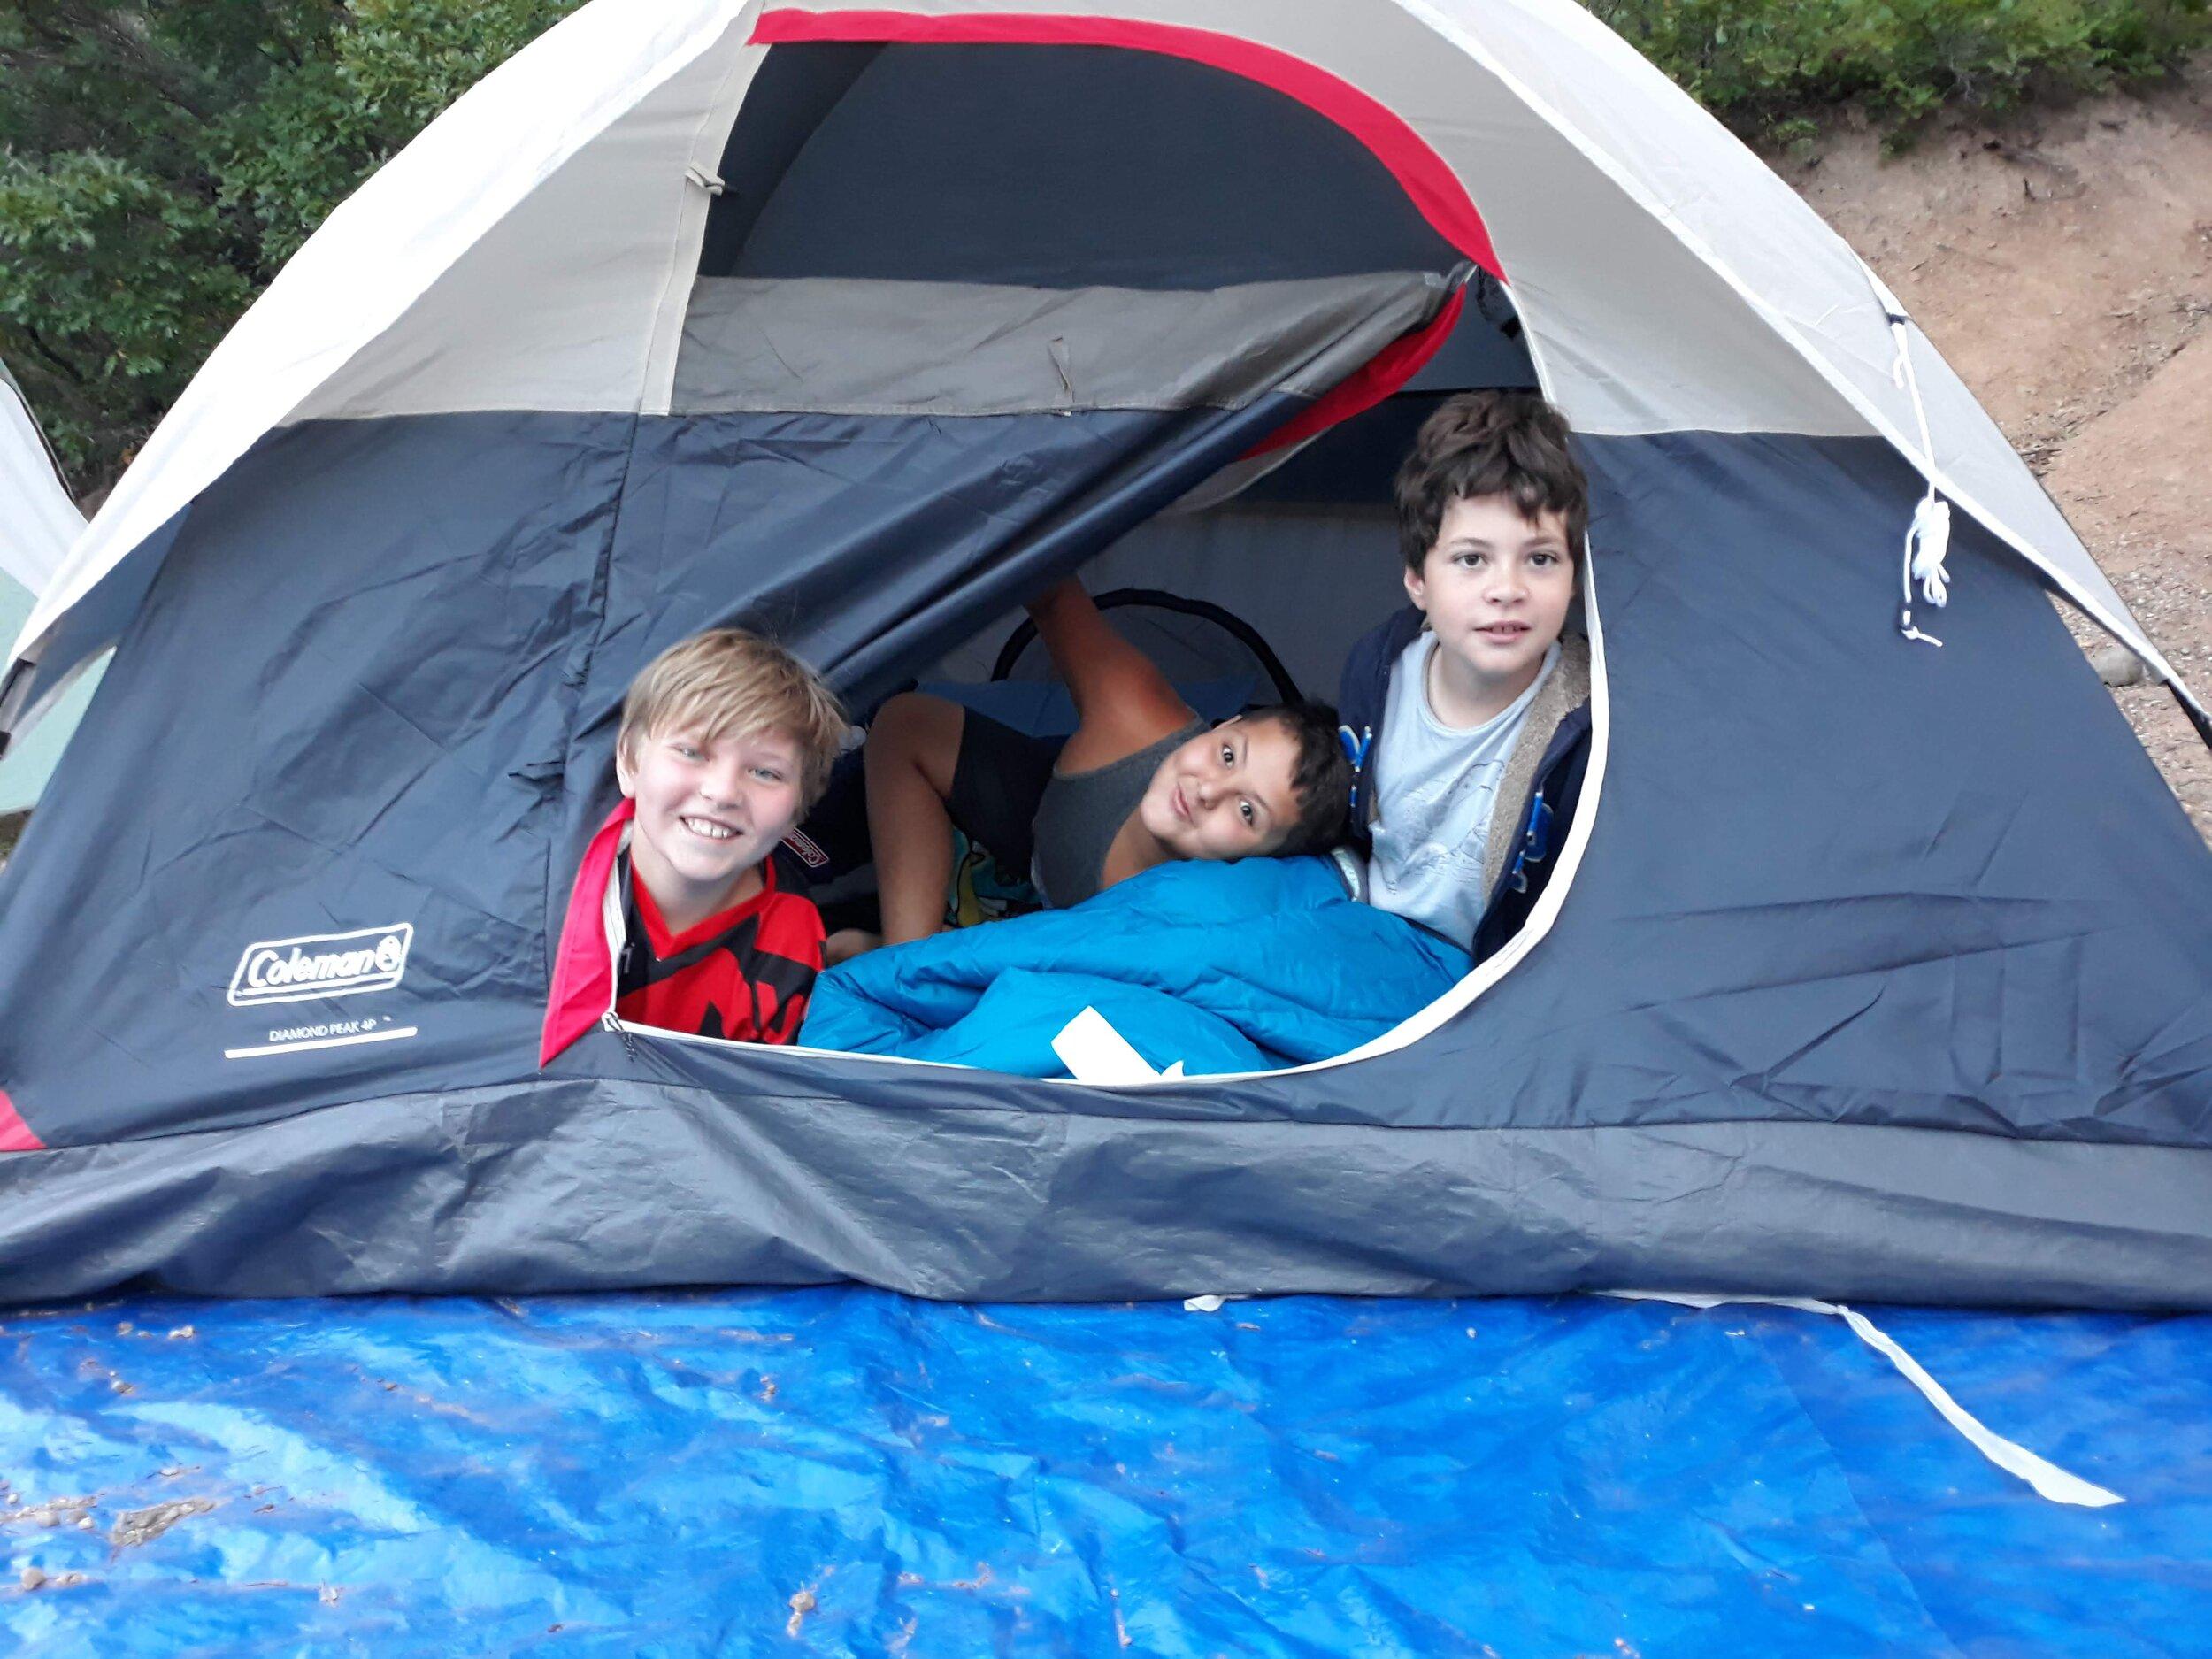 Tent mates